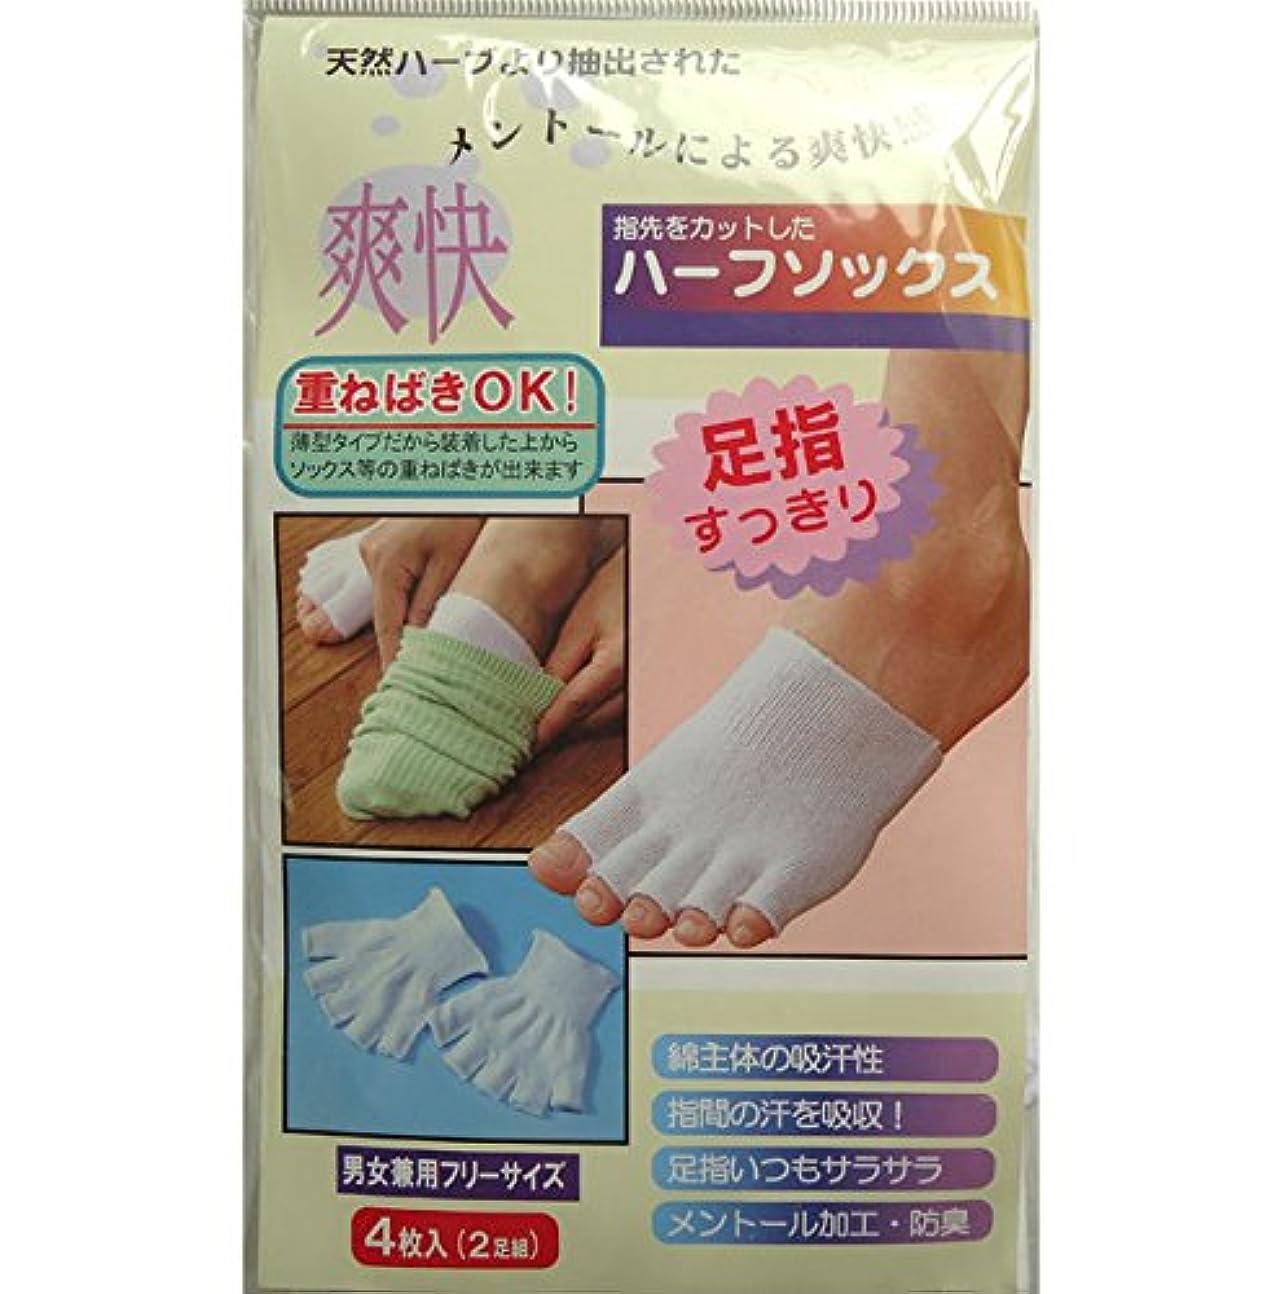 と組むカリングインシデント日本製 ハーフソックス 5本指 綿 抗菌防臭 メンズ レディースお買得2足組(ホワイト)